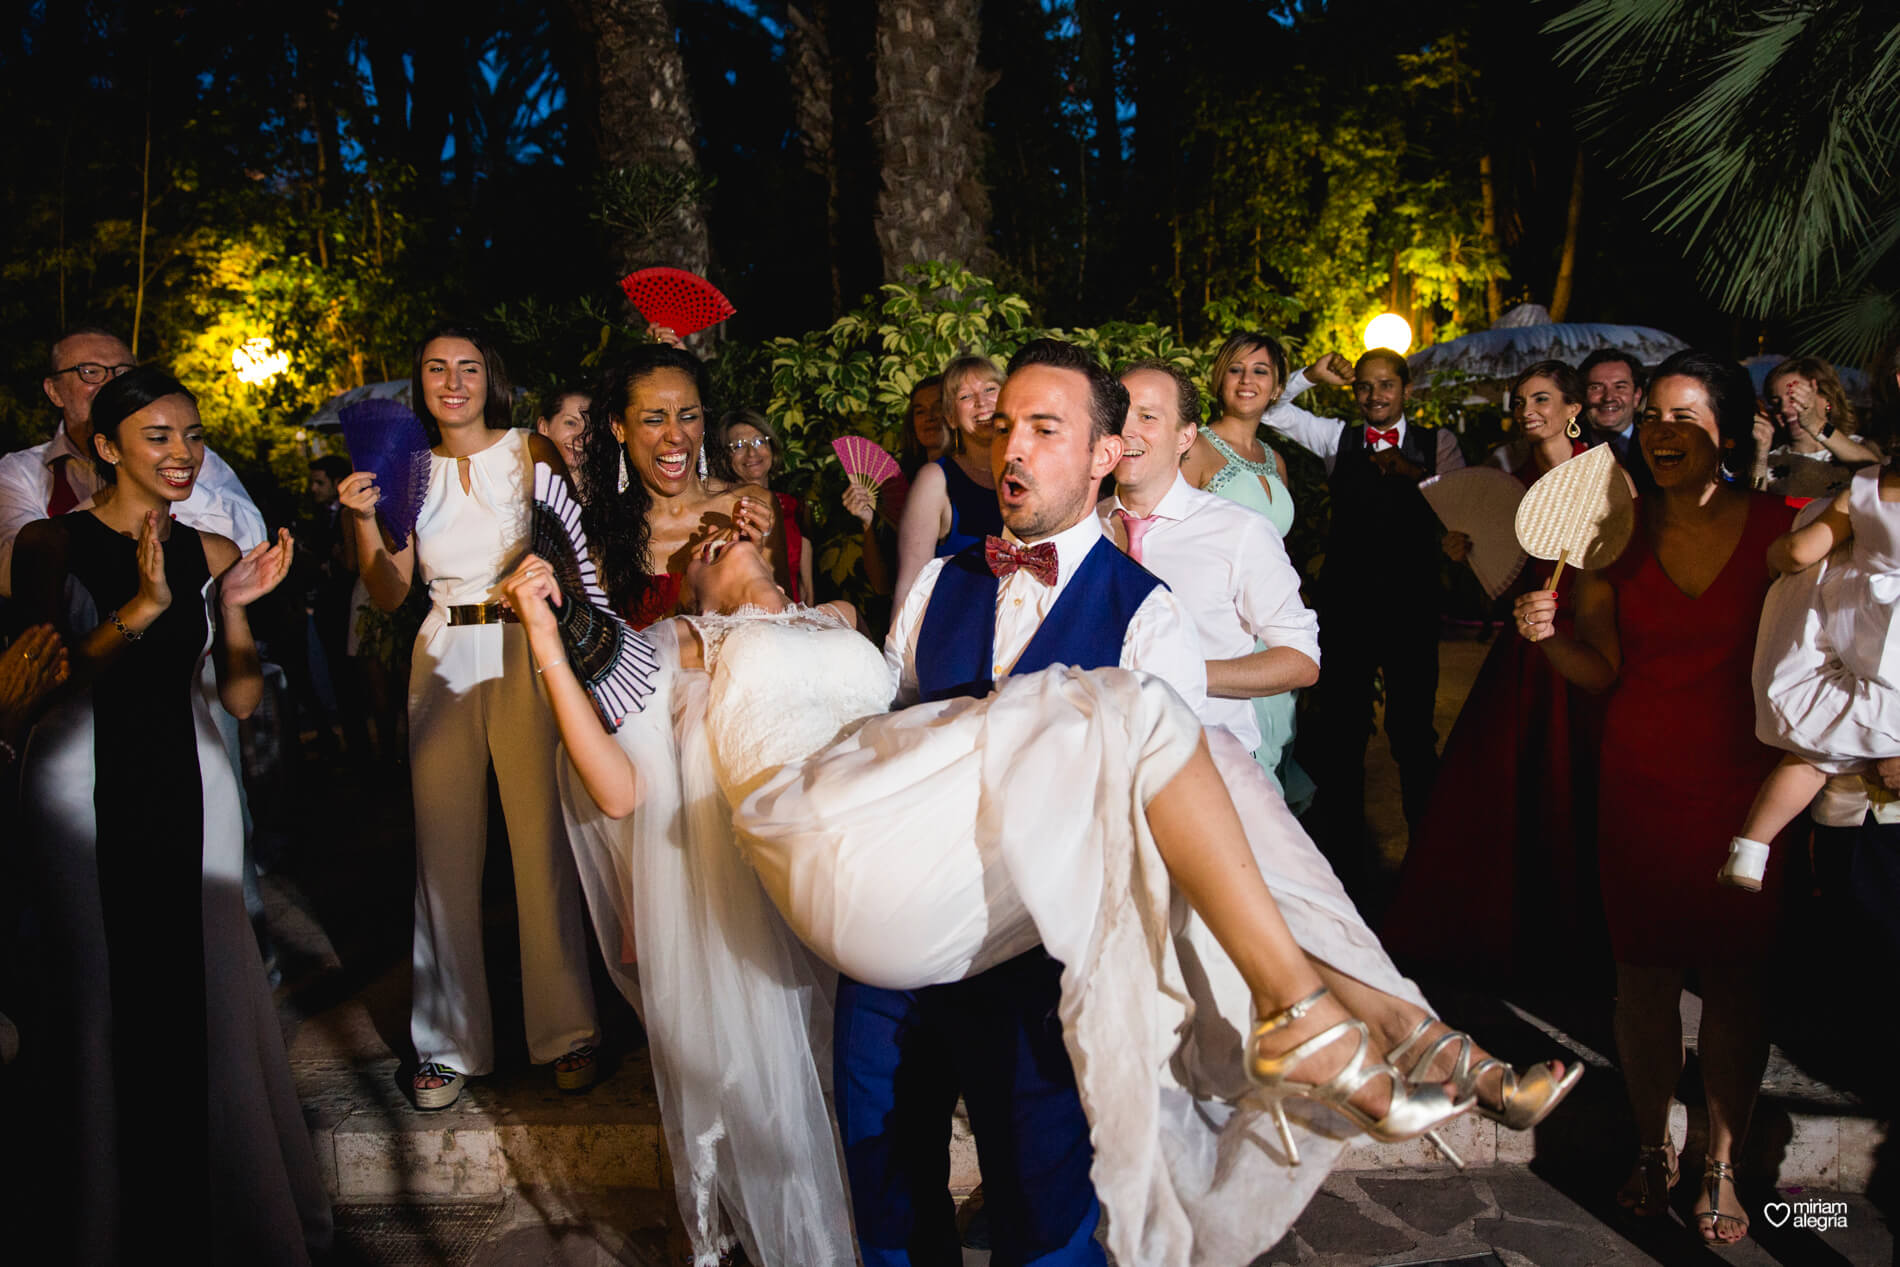 wedding-huerto-del-cura-elche-miriam-alegria-fotografos-boda-78